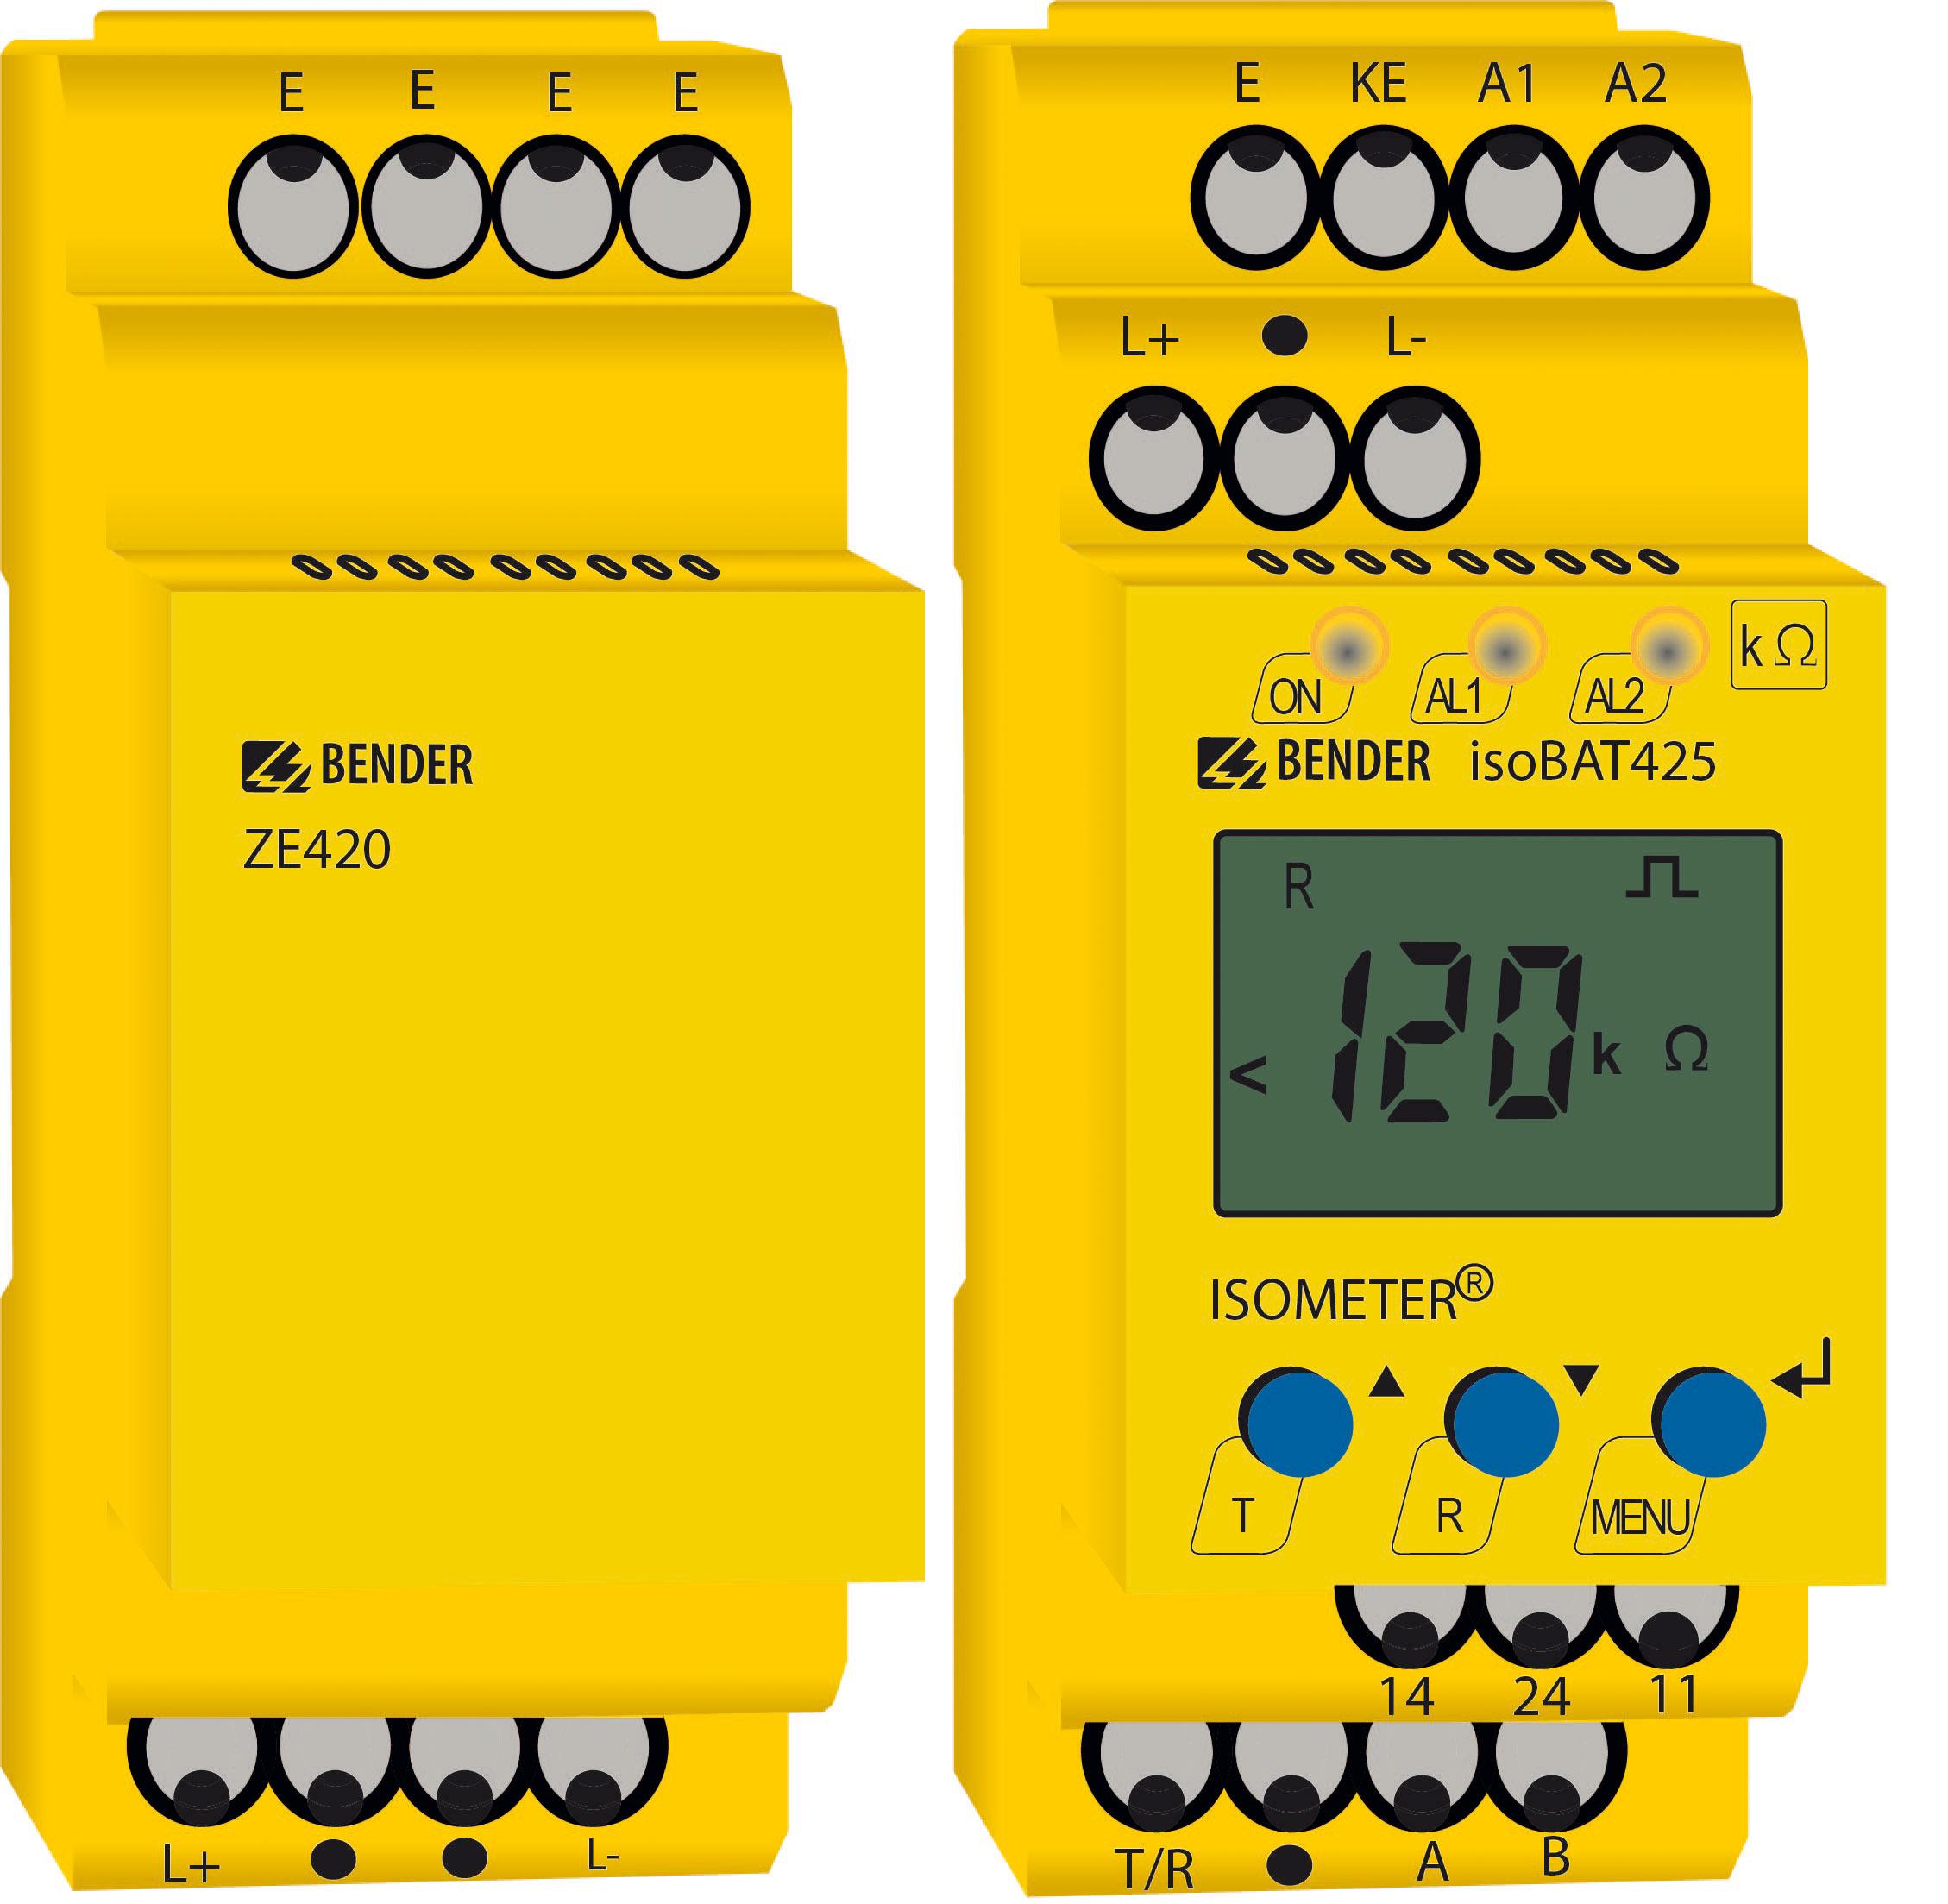 Überwachung der Batterieproduktion von Elektrofahrzeugen mit dem neuen Isolationsüberwachungsgerät isoBAT425